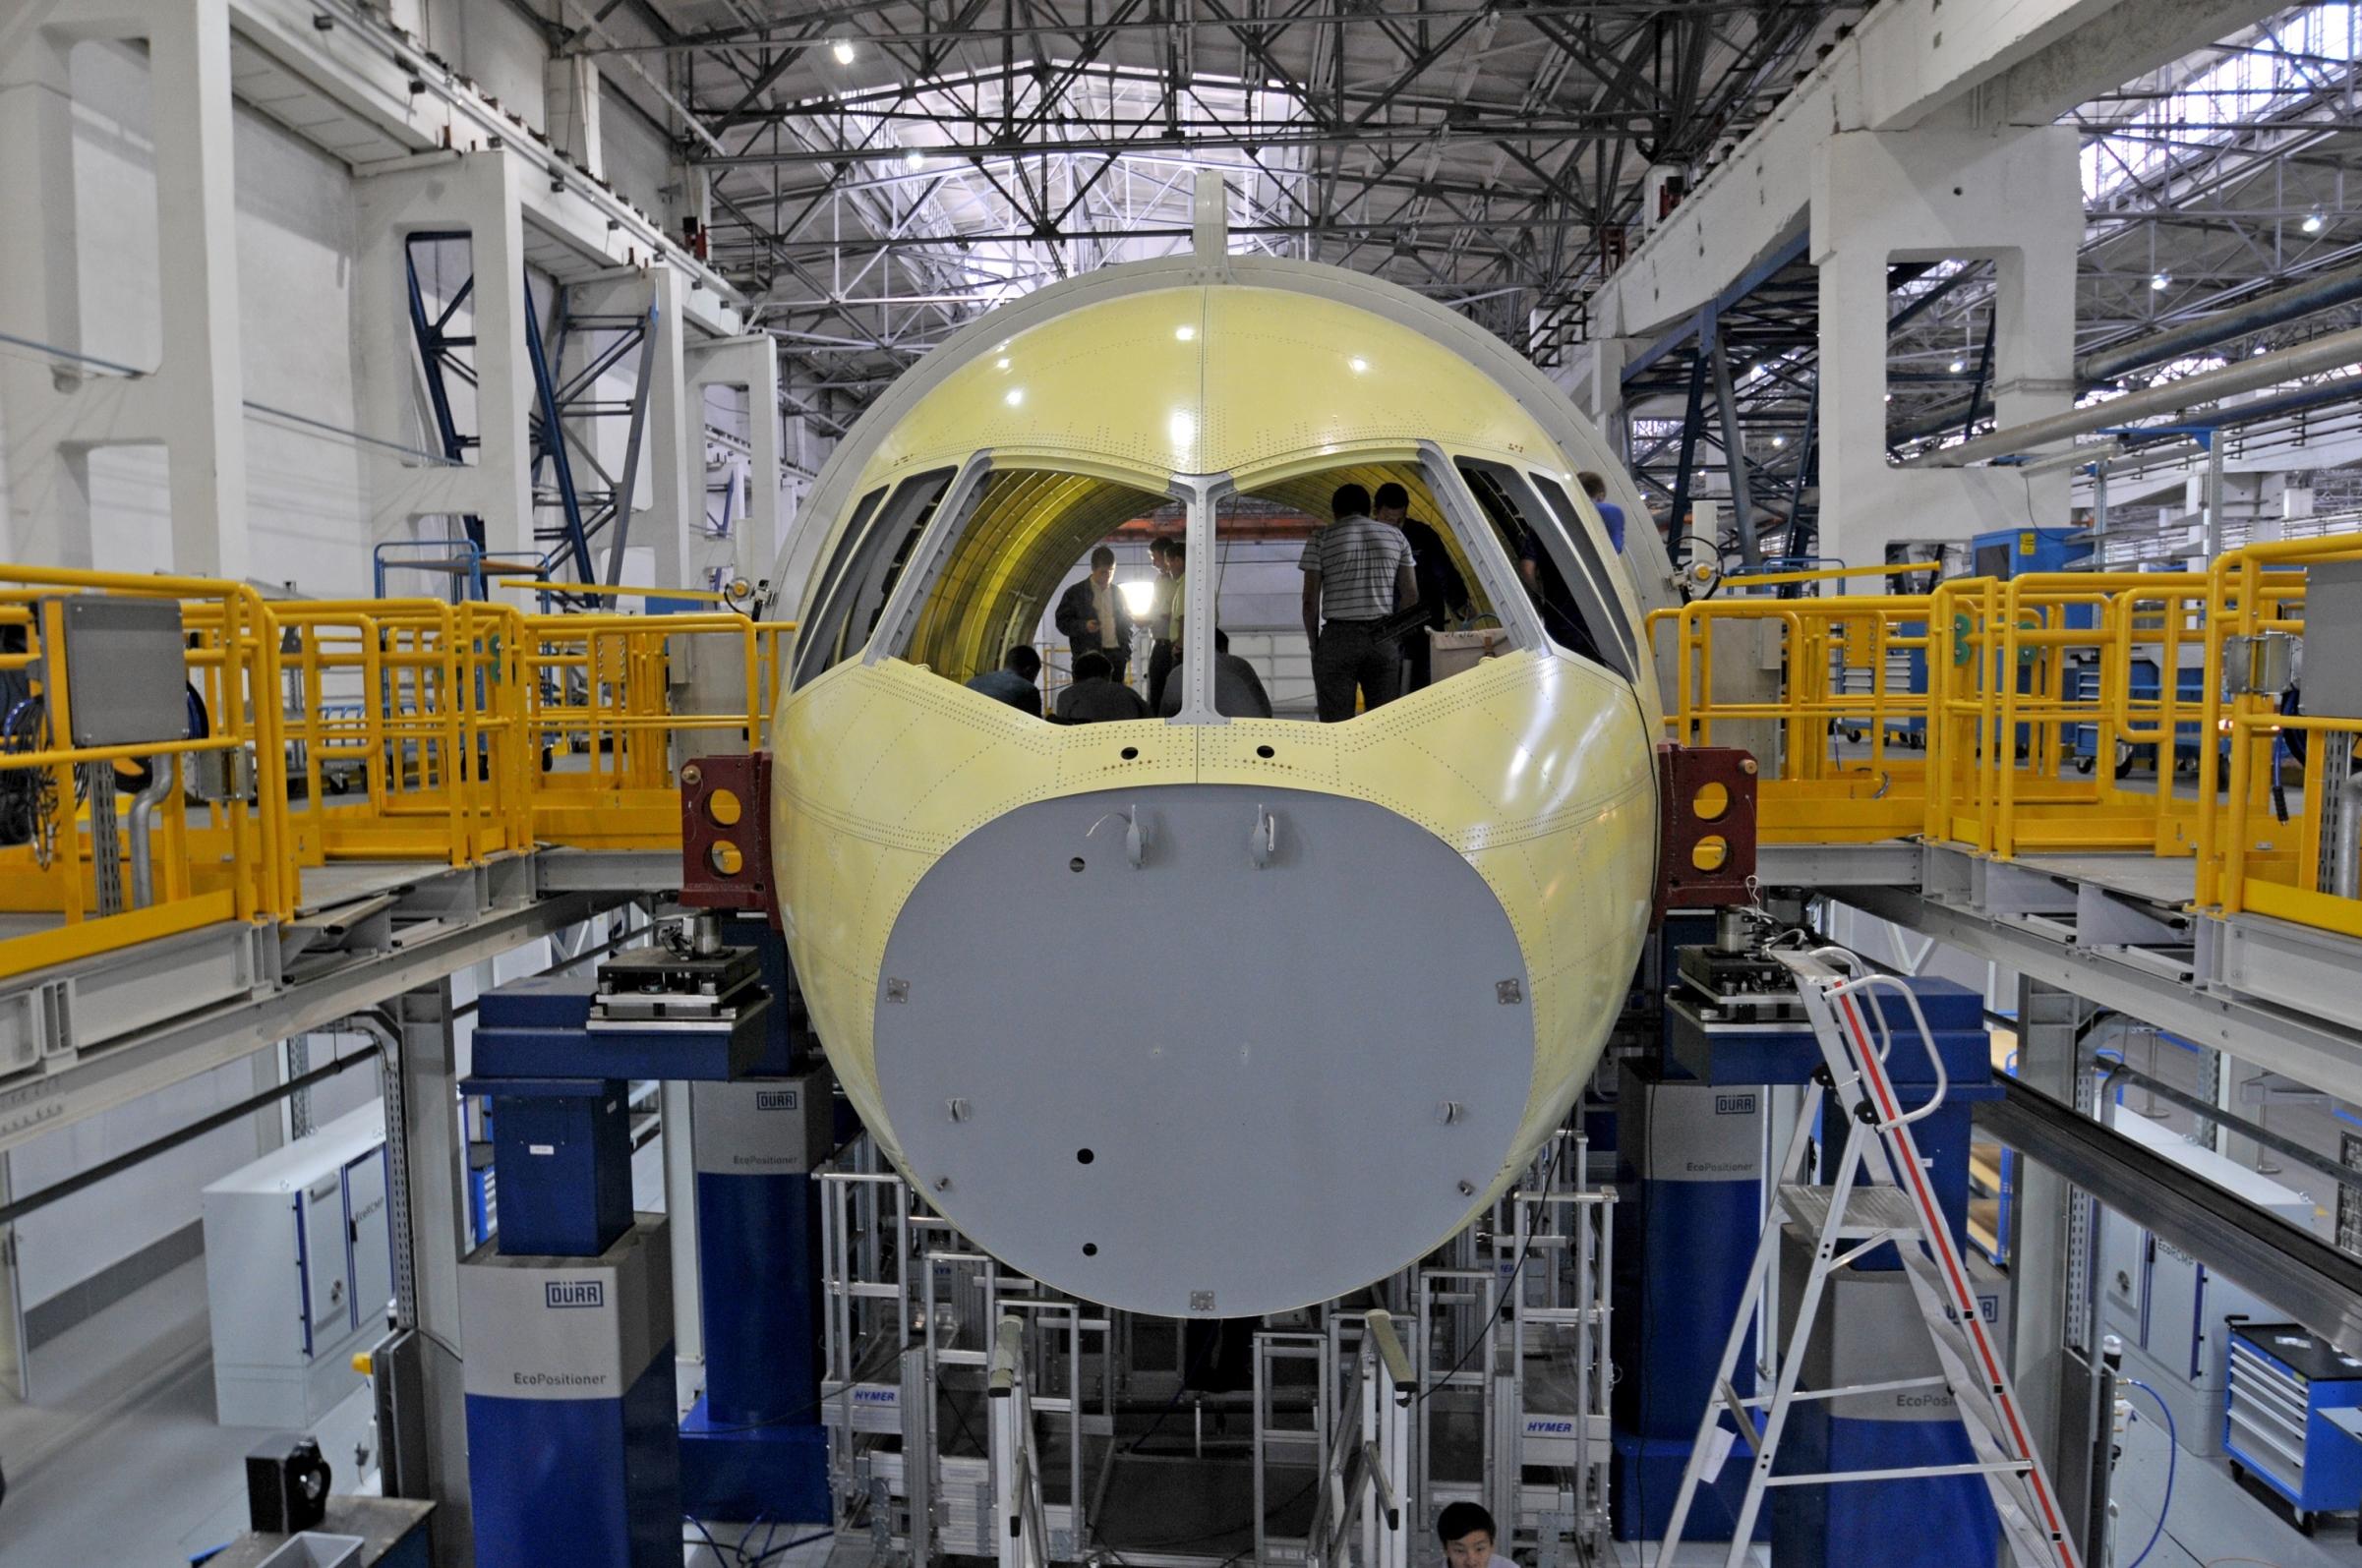 Дмитрий Медведев посетил презентацию самолета МС-21-300 в Иркутске